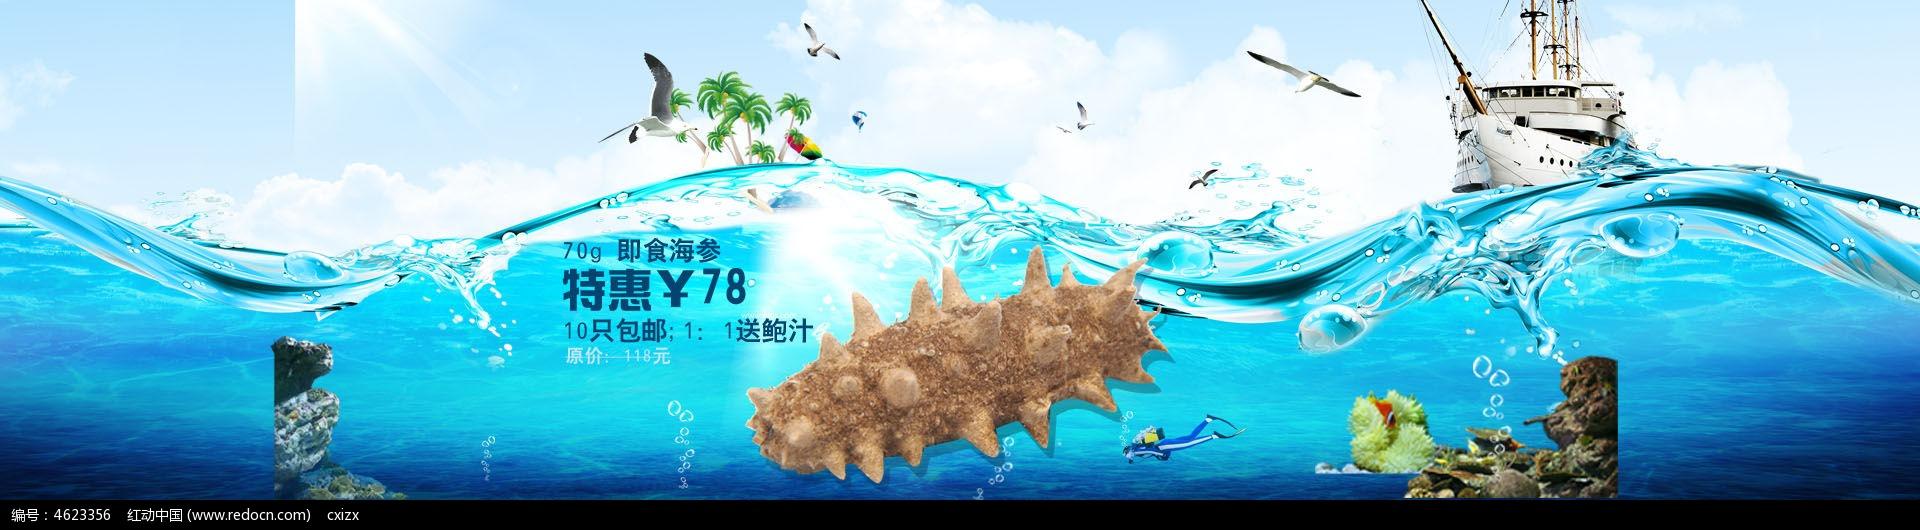 淘宝海参宣传海报设计